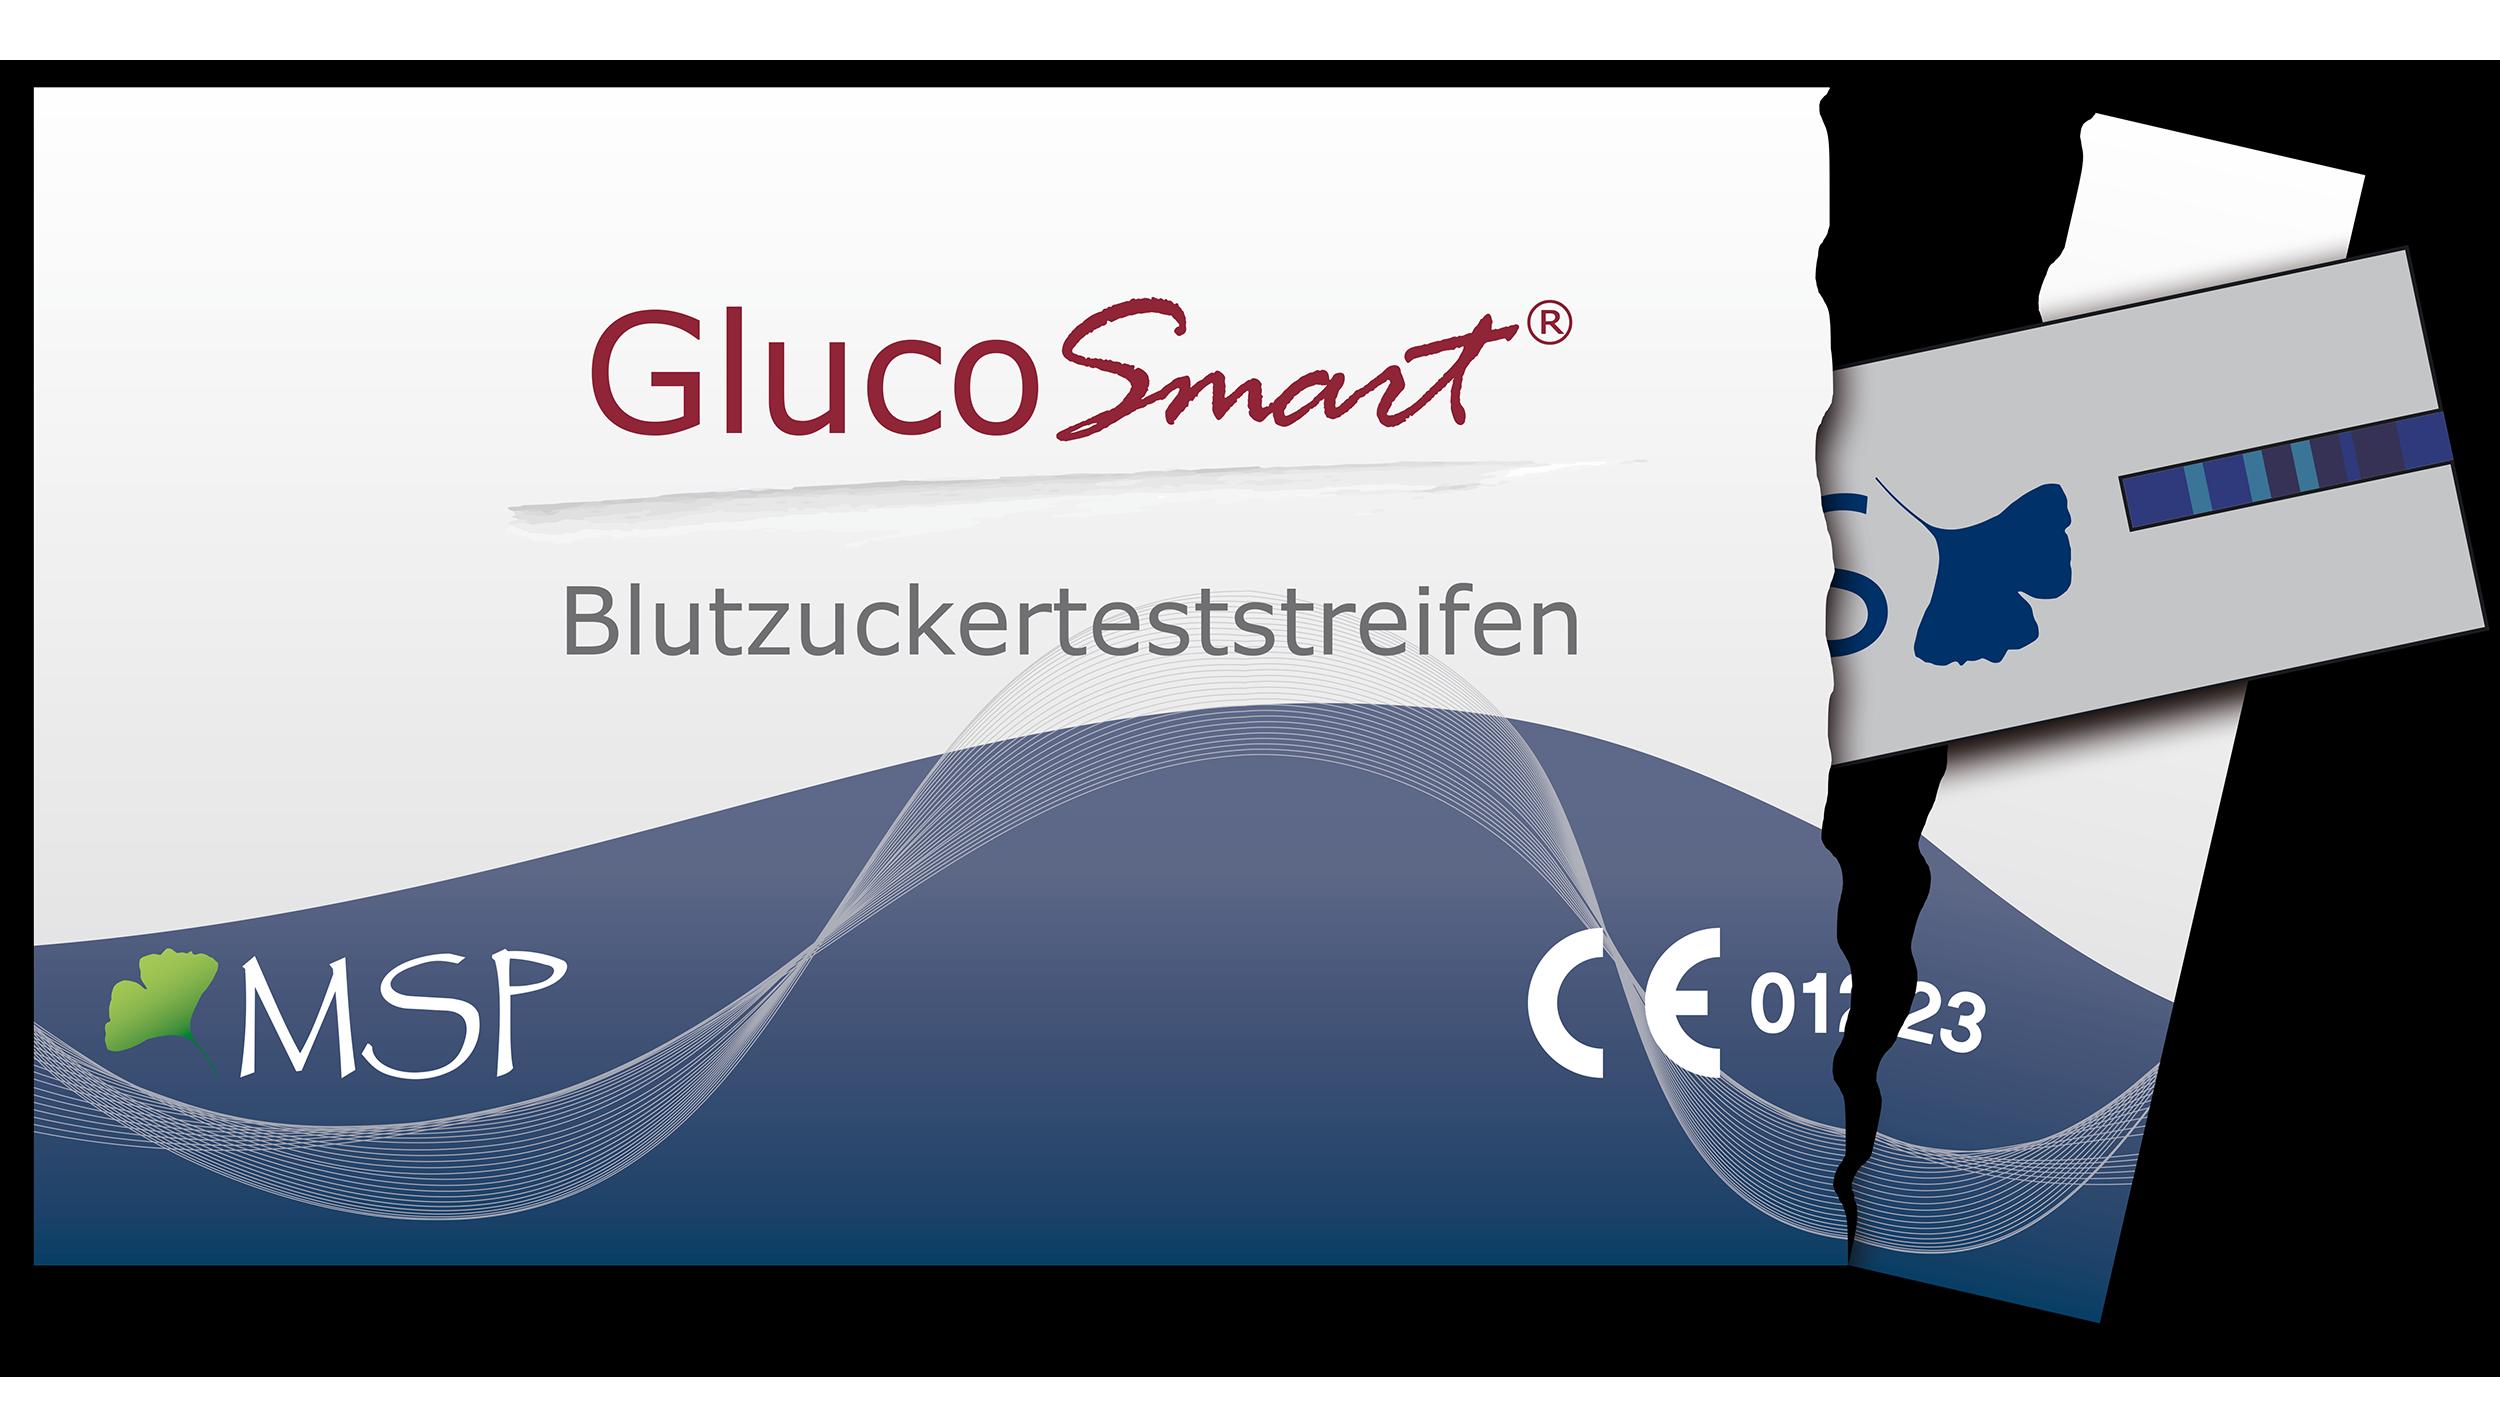 GlucoSmart Salsa Blutzucker Teststreifen Diabetes